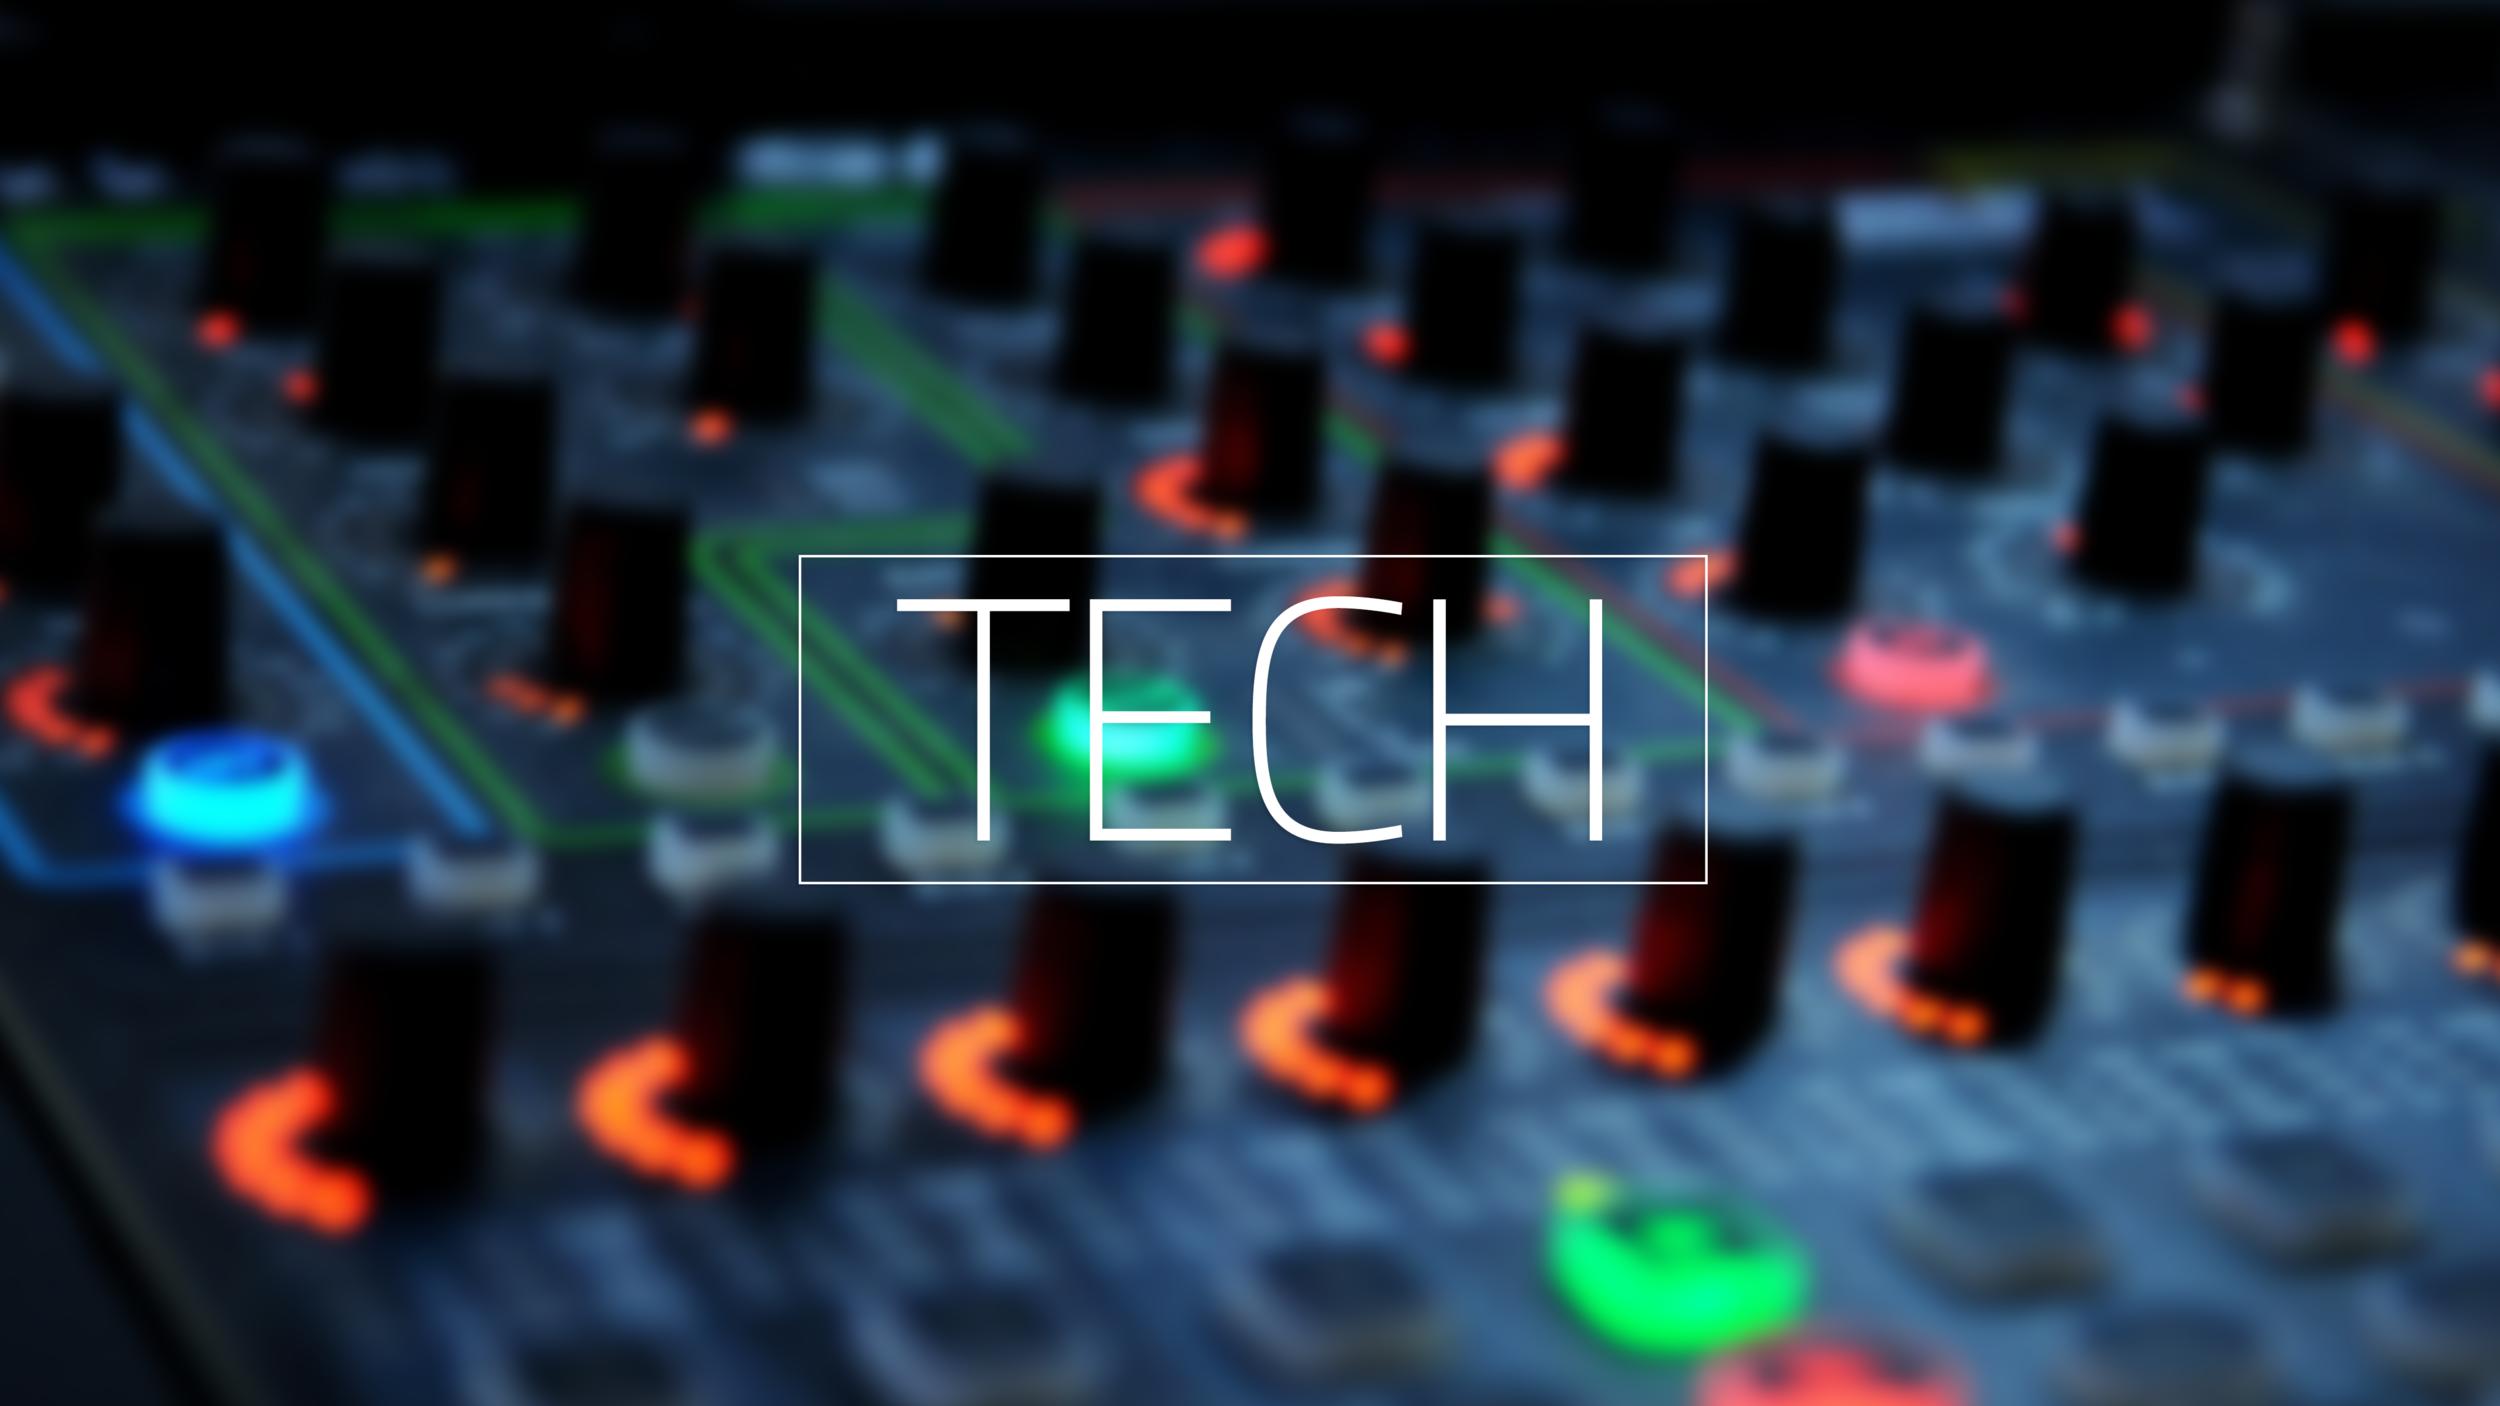 Tech_Team_Button.jpg